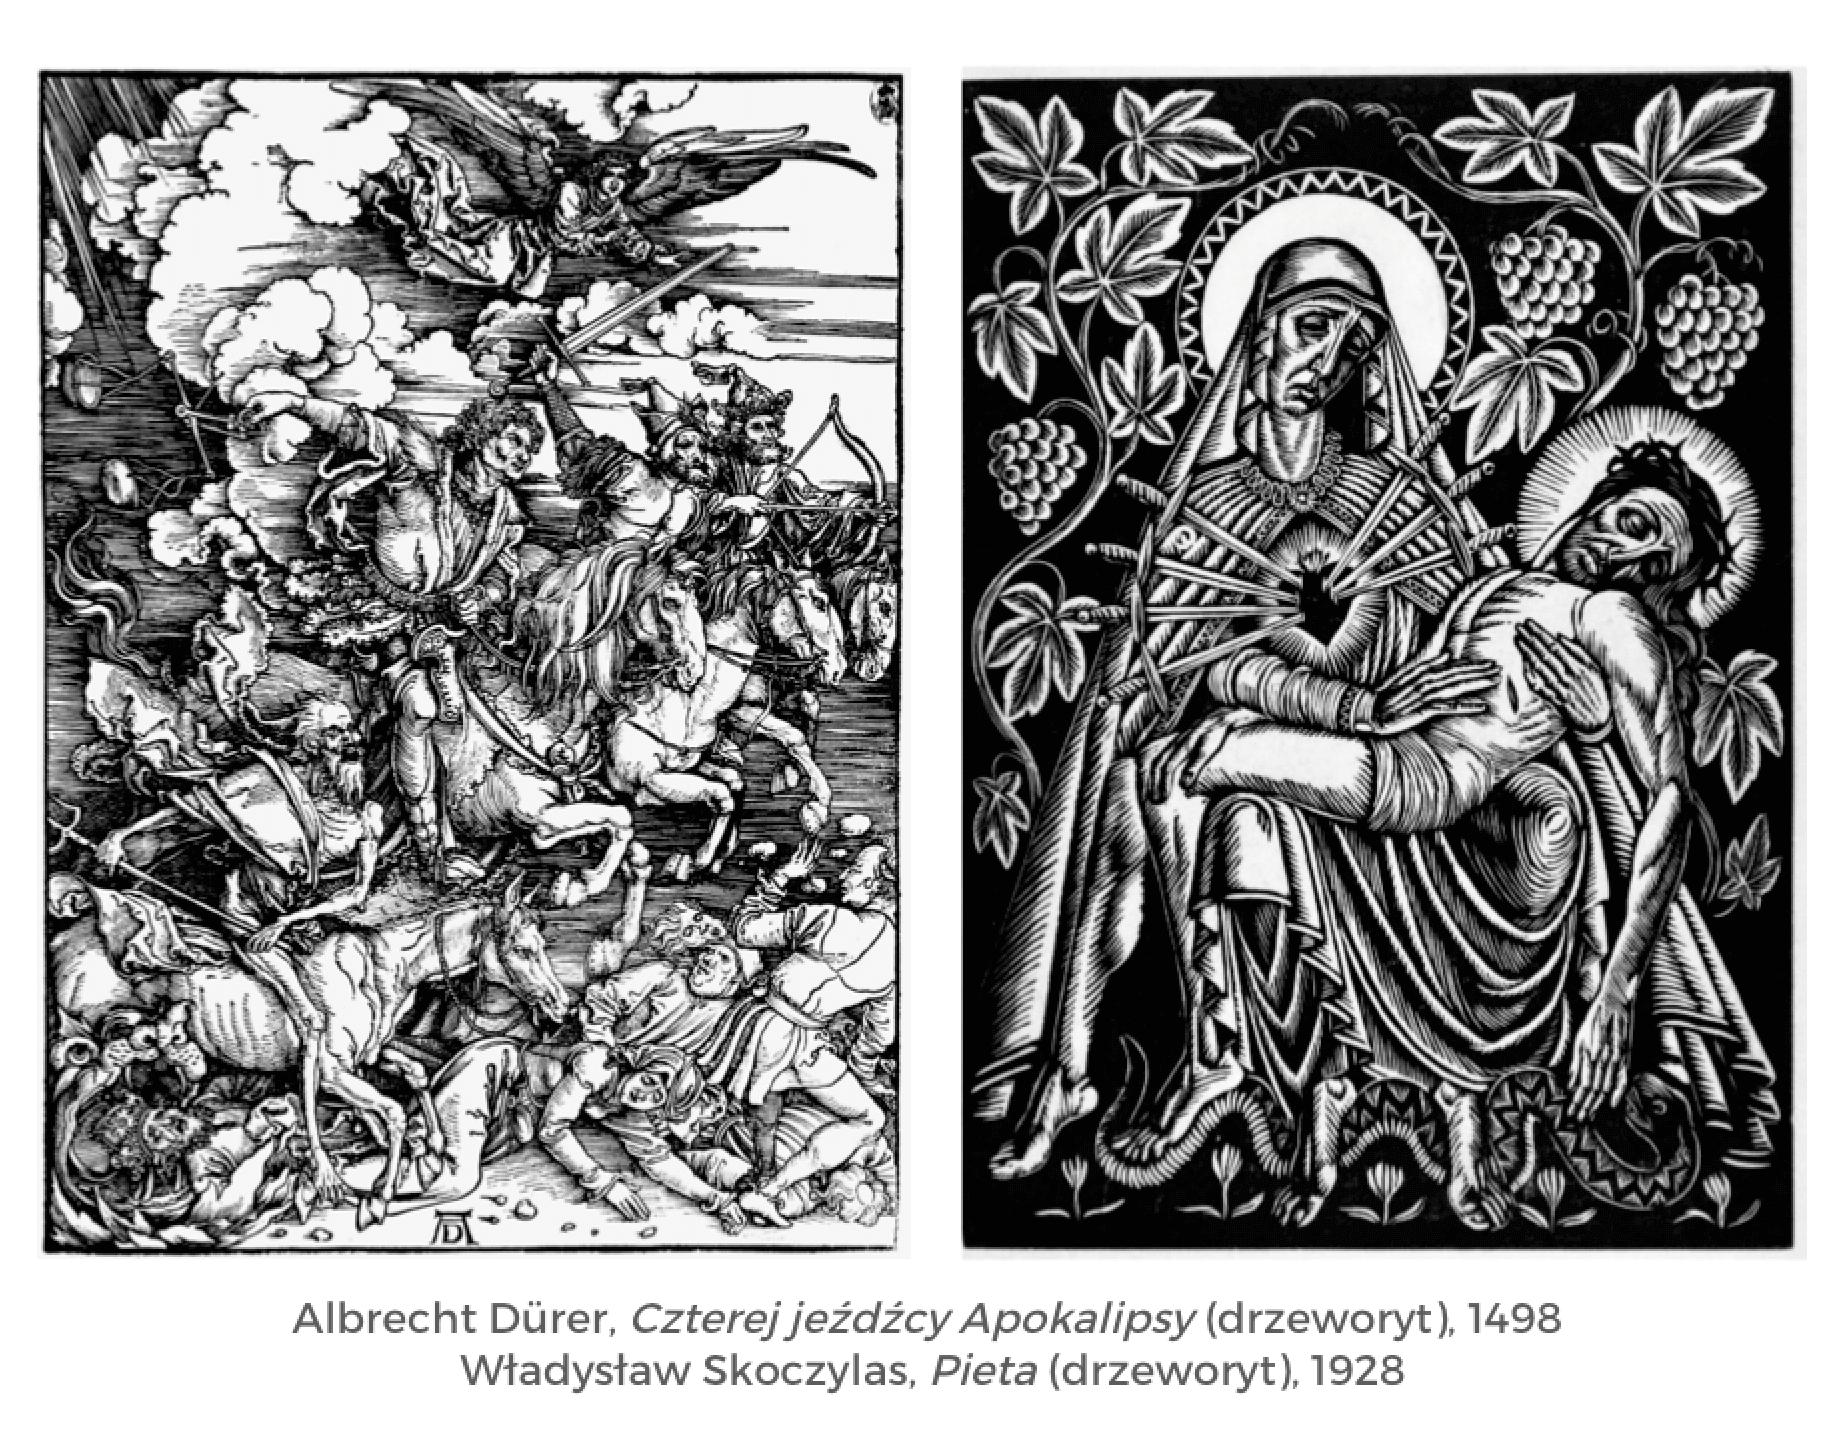 techniki graficzne drzeworyt historia sztuki